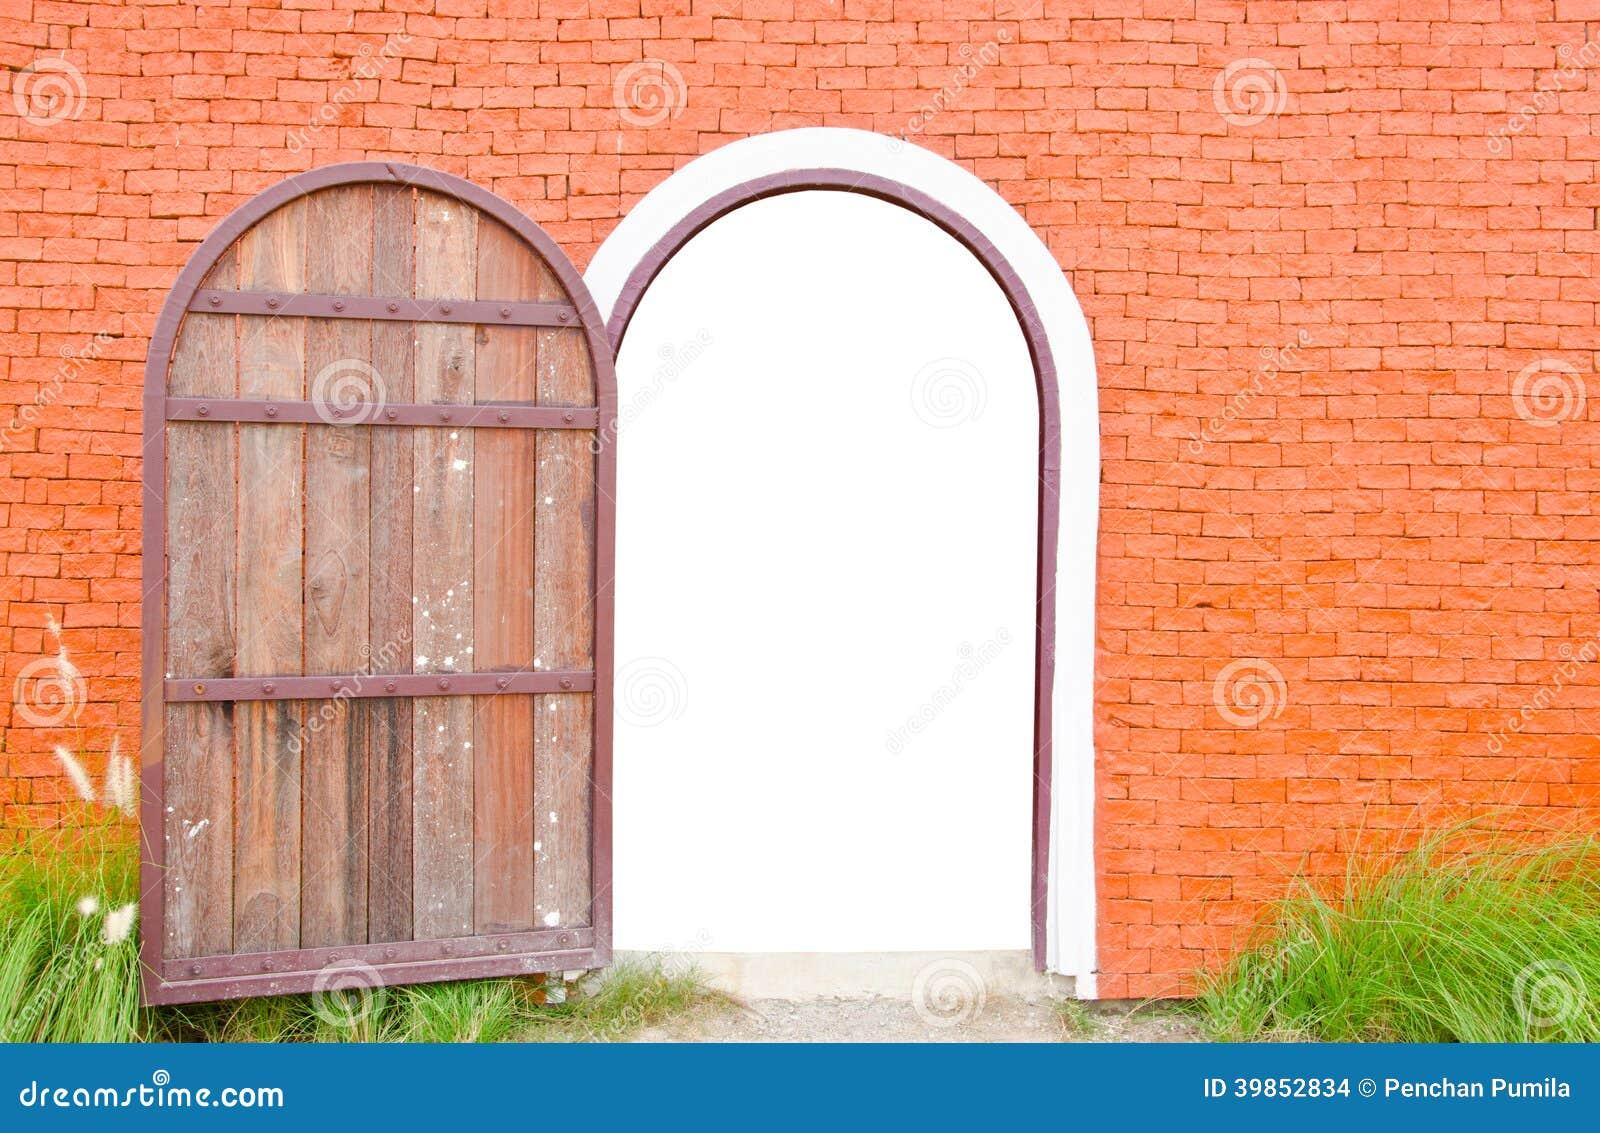 Old Door Is Open Stock Photo - Image: 39852834